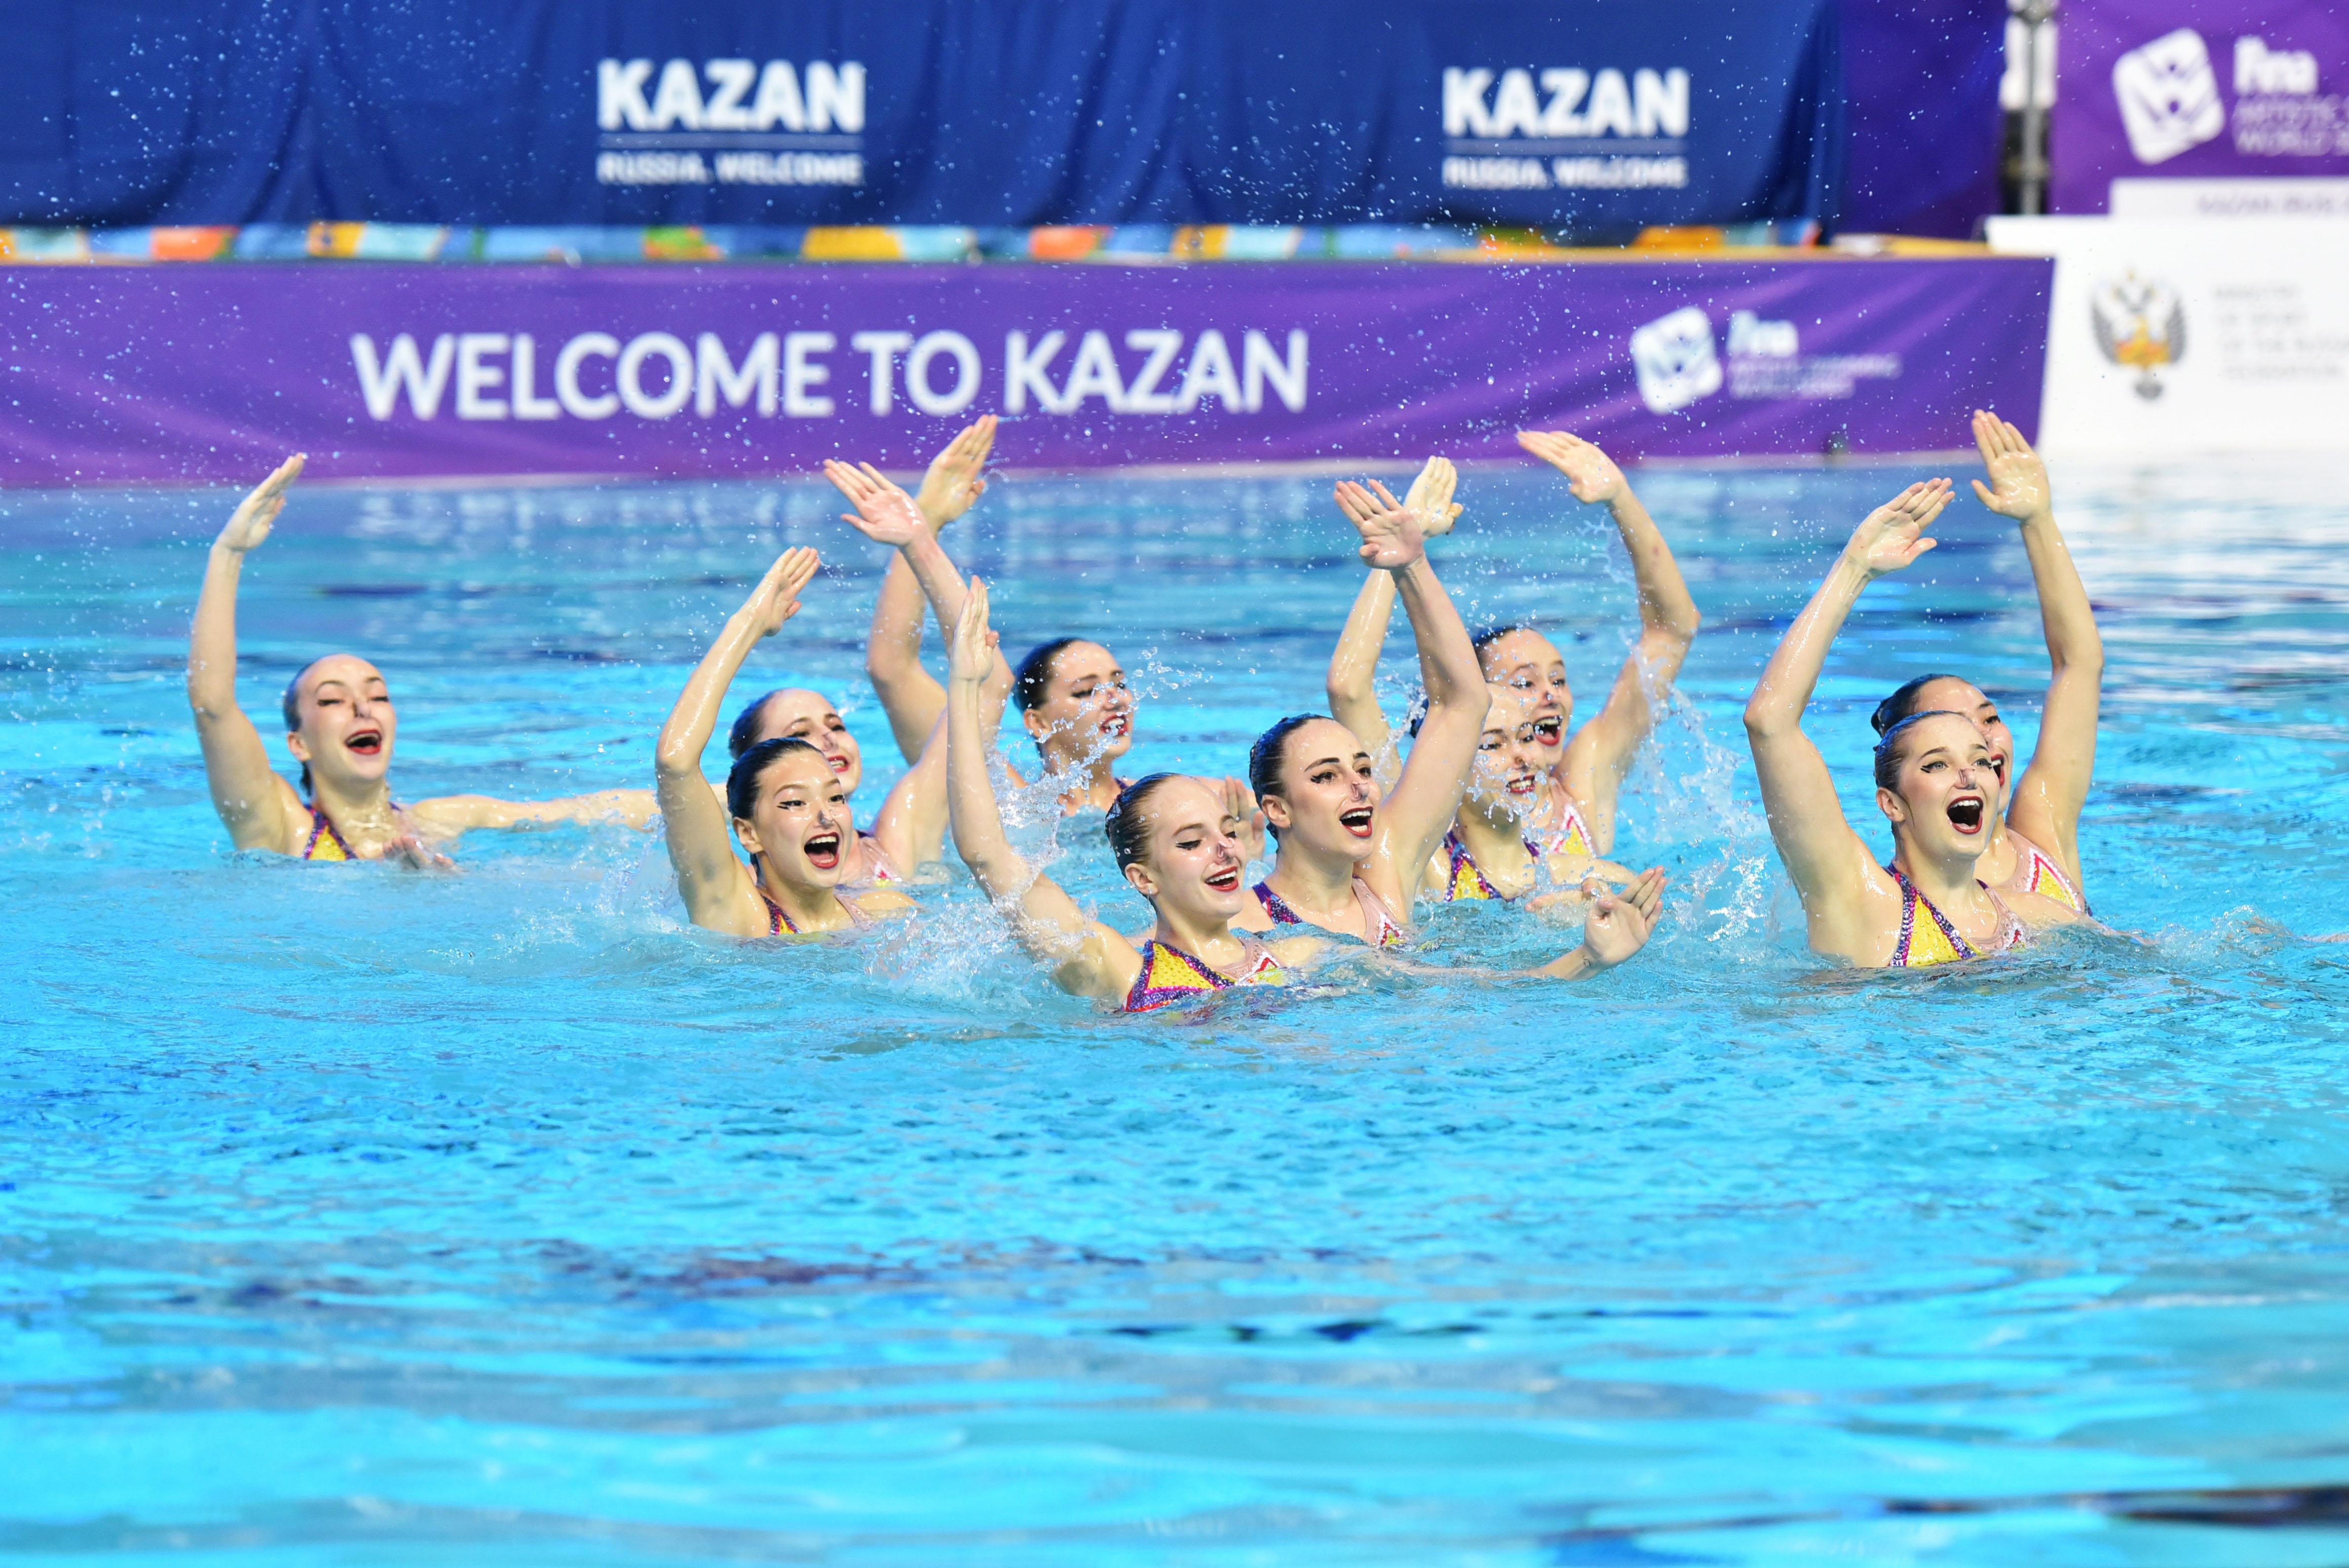 В Казани пройдет Этап Мировой серии FINA по синхронному плаванию